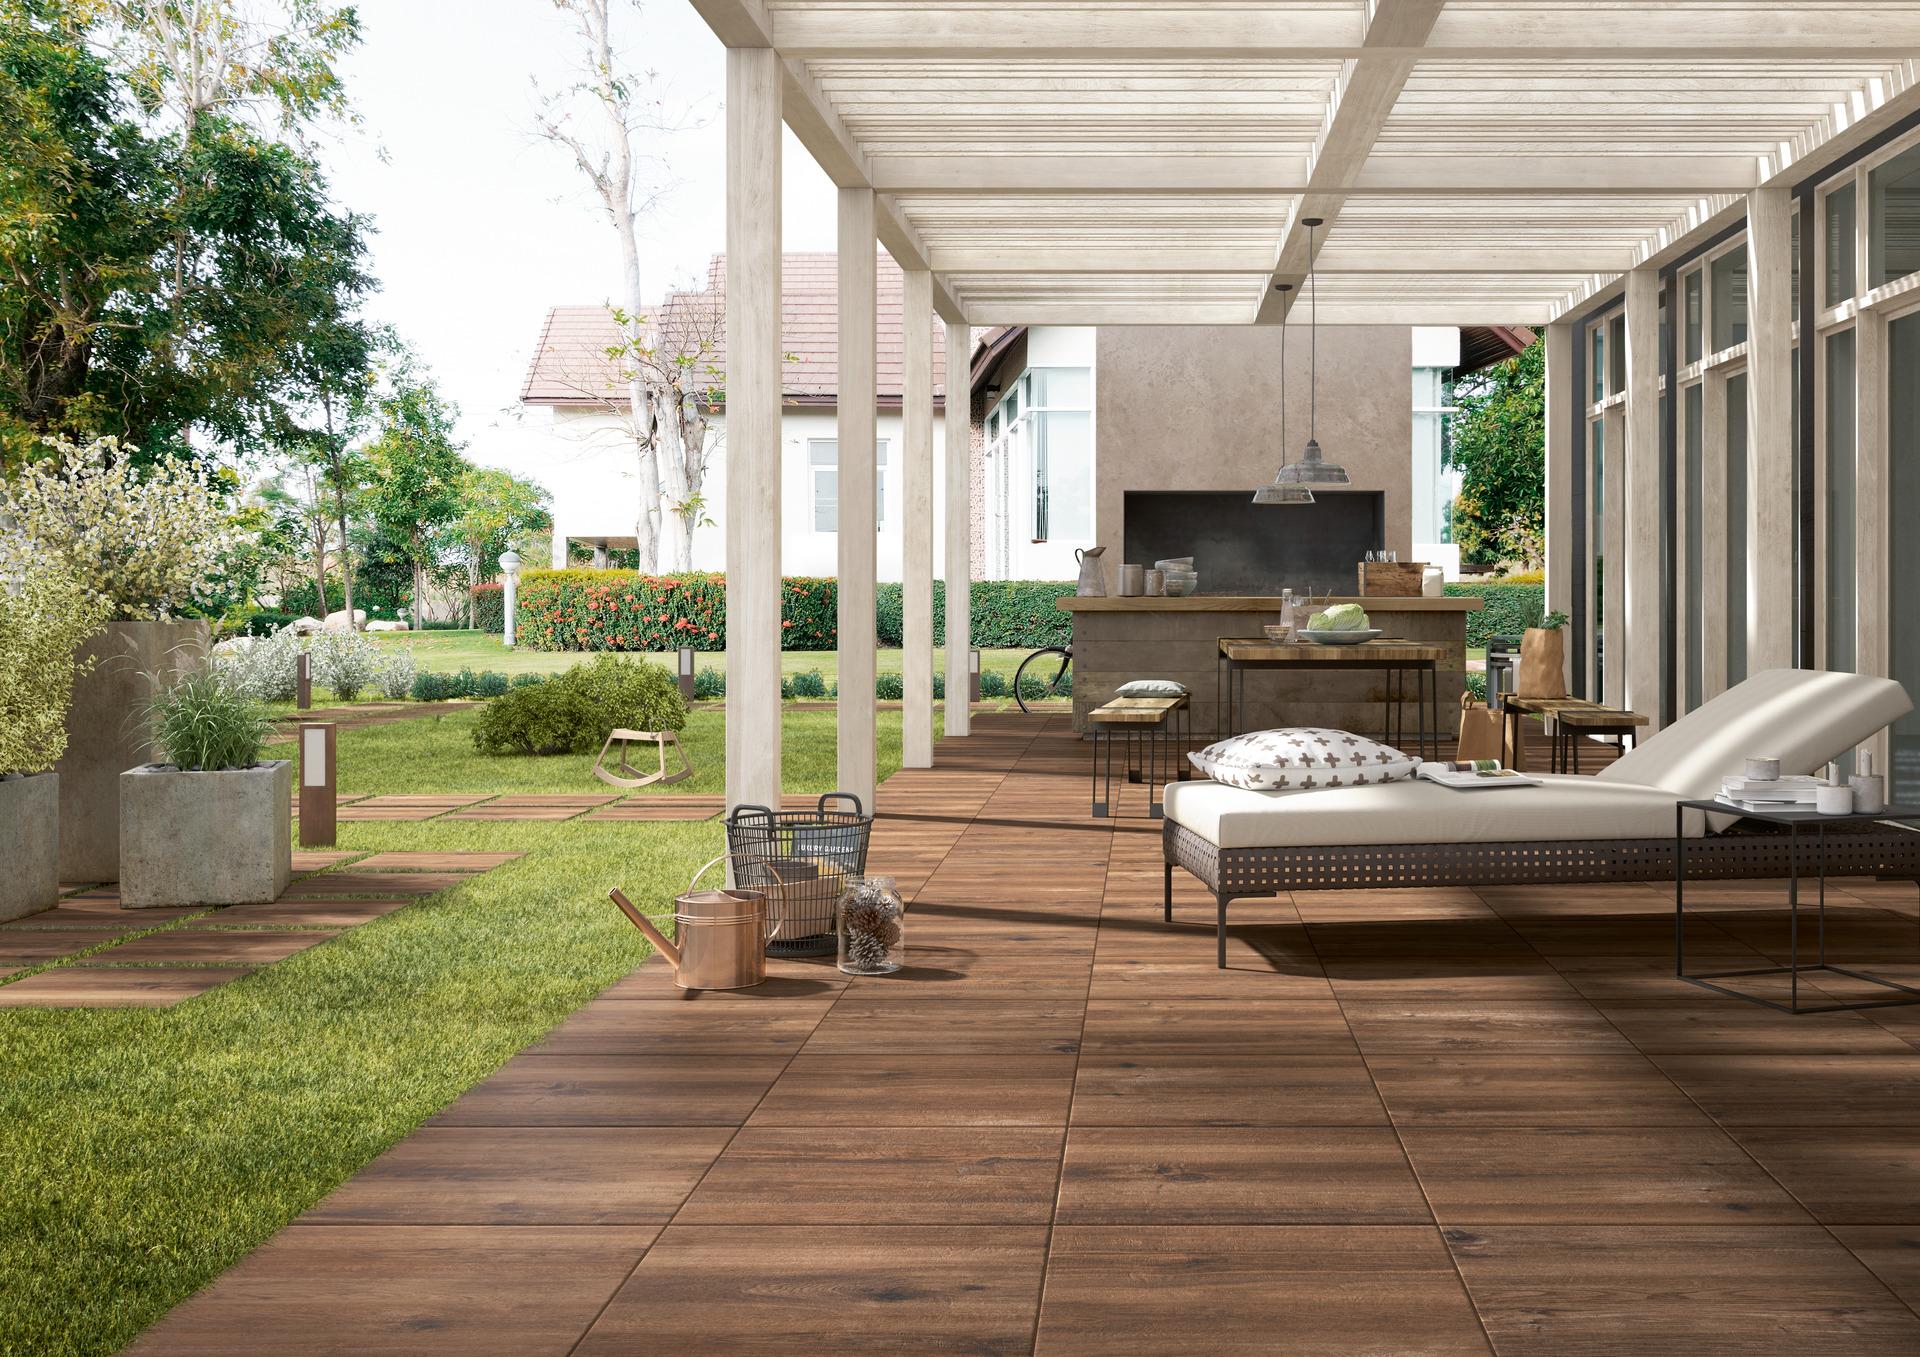 Pavimenti per esterni piastrelle gres porcellanato marazzi - Piastrelle rivestimento esterno ...